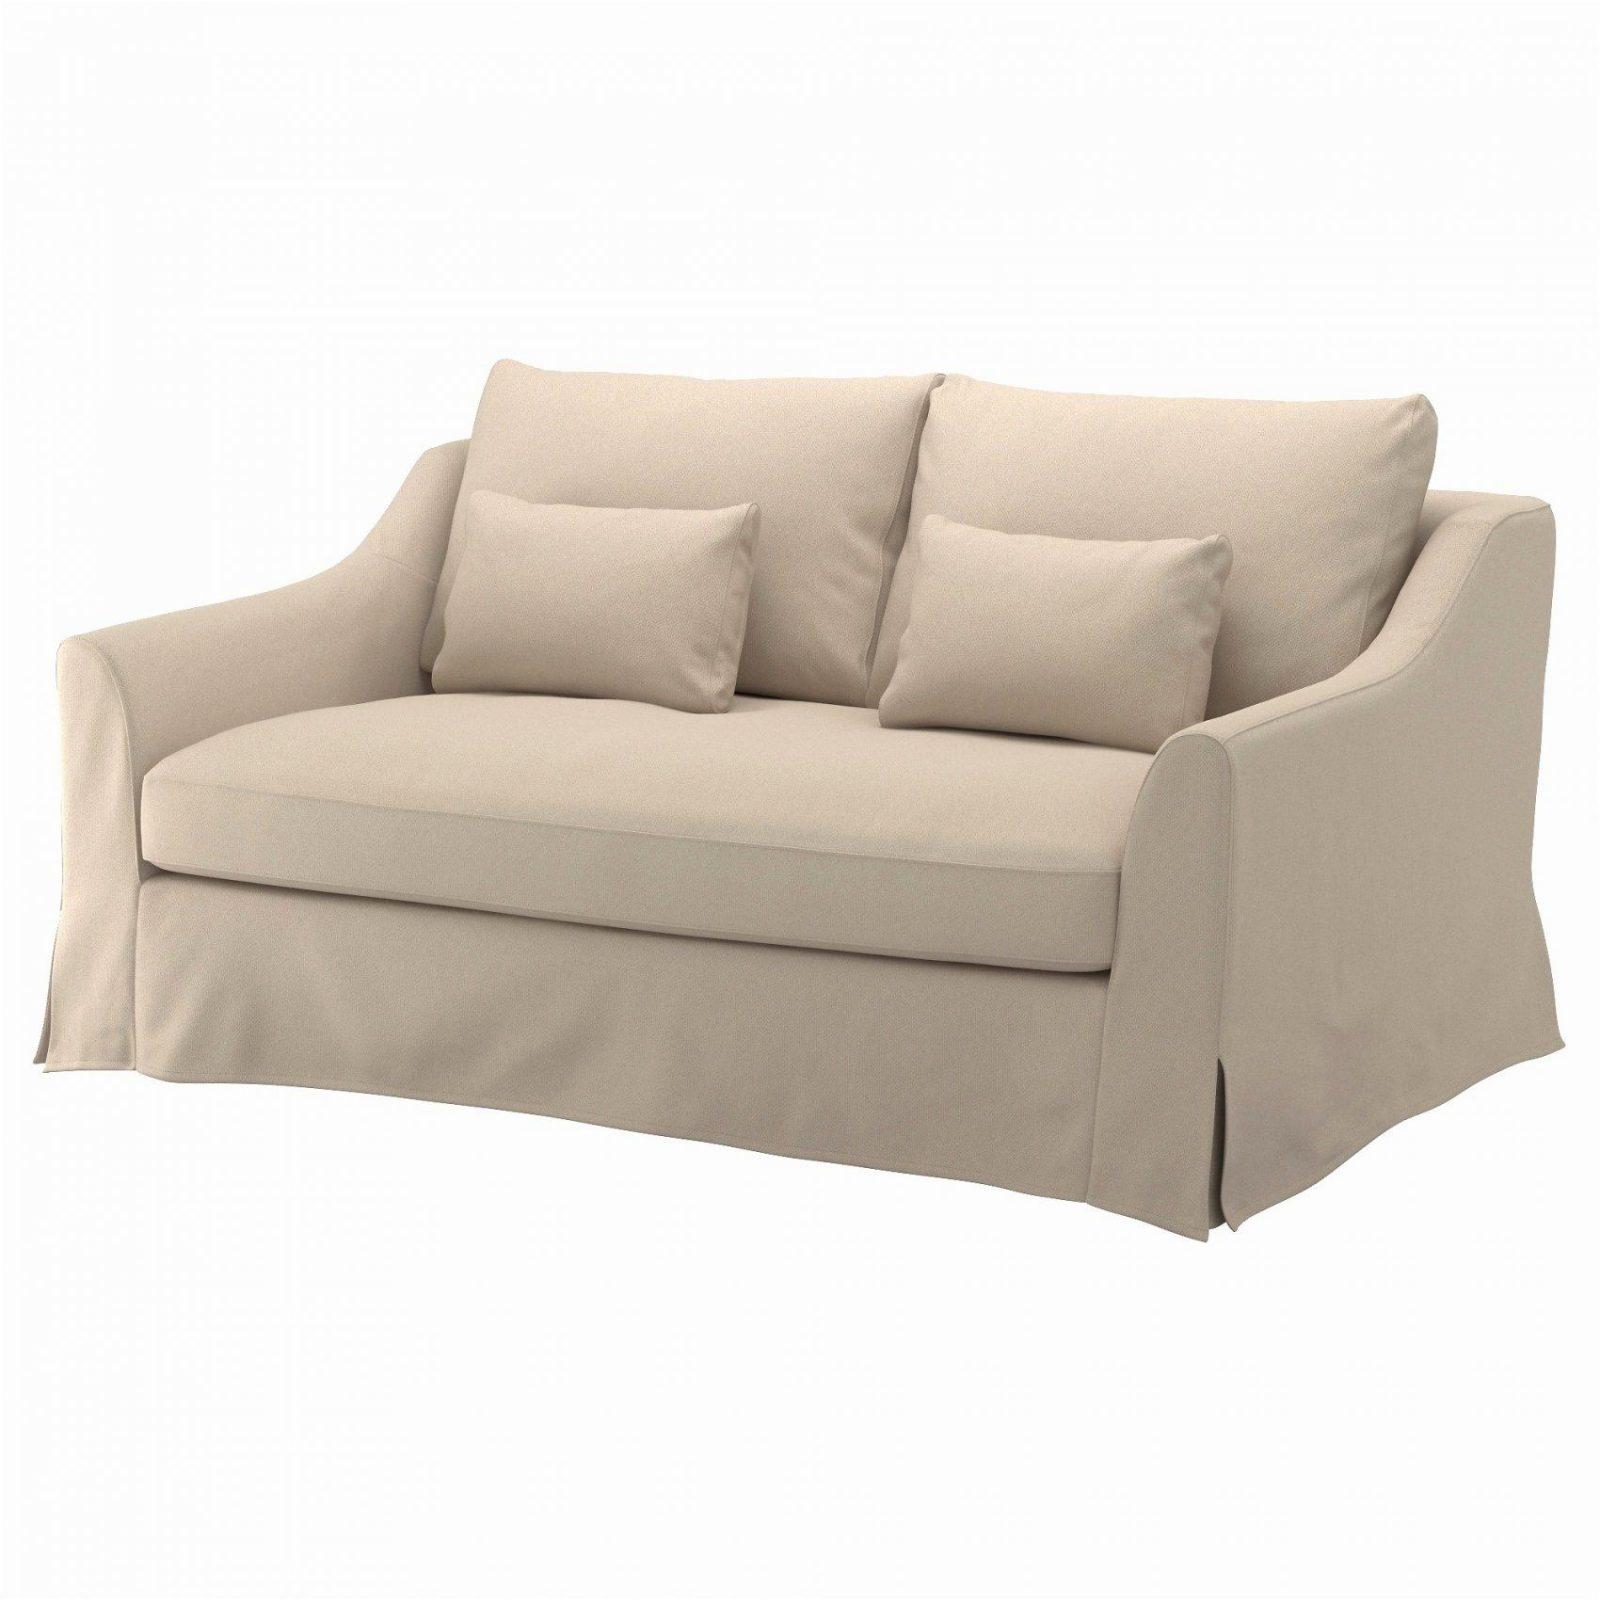 Sofa Ideen Gemütlich Gemütliches Sofa Für Kleine Räume Liebreizend von Gemütliches Sofa Für Kleine Räume Photo